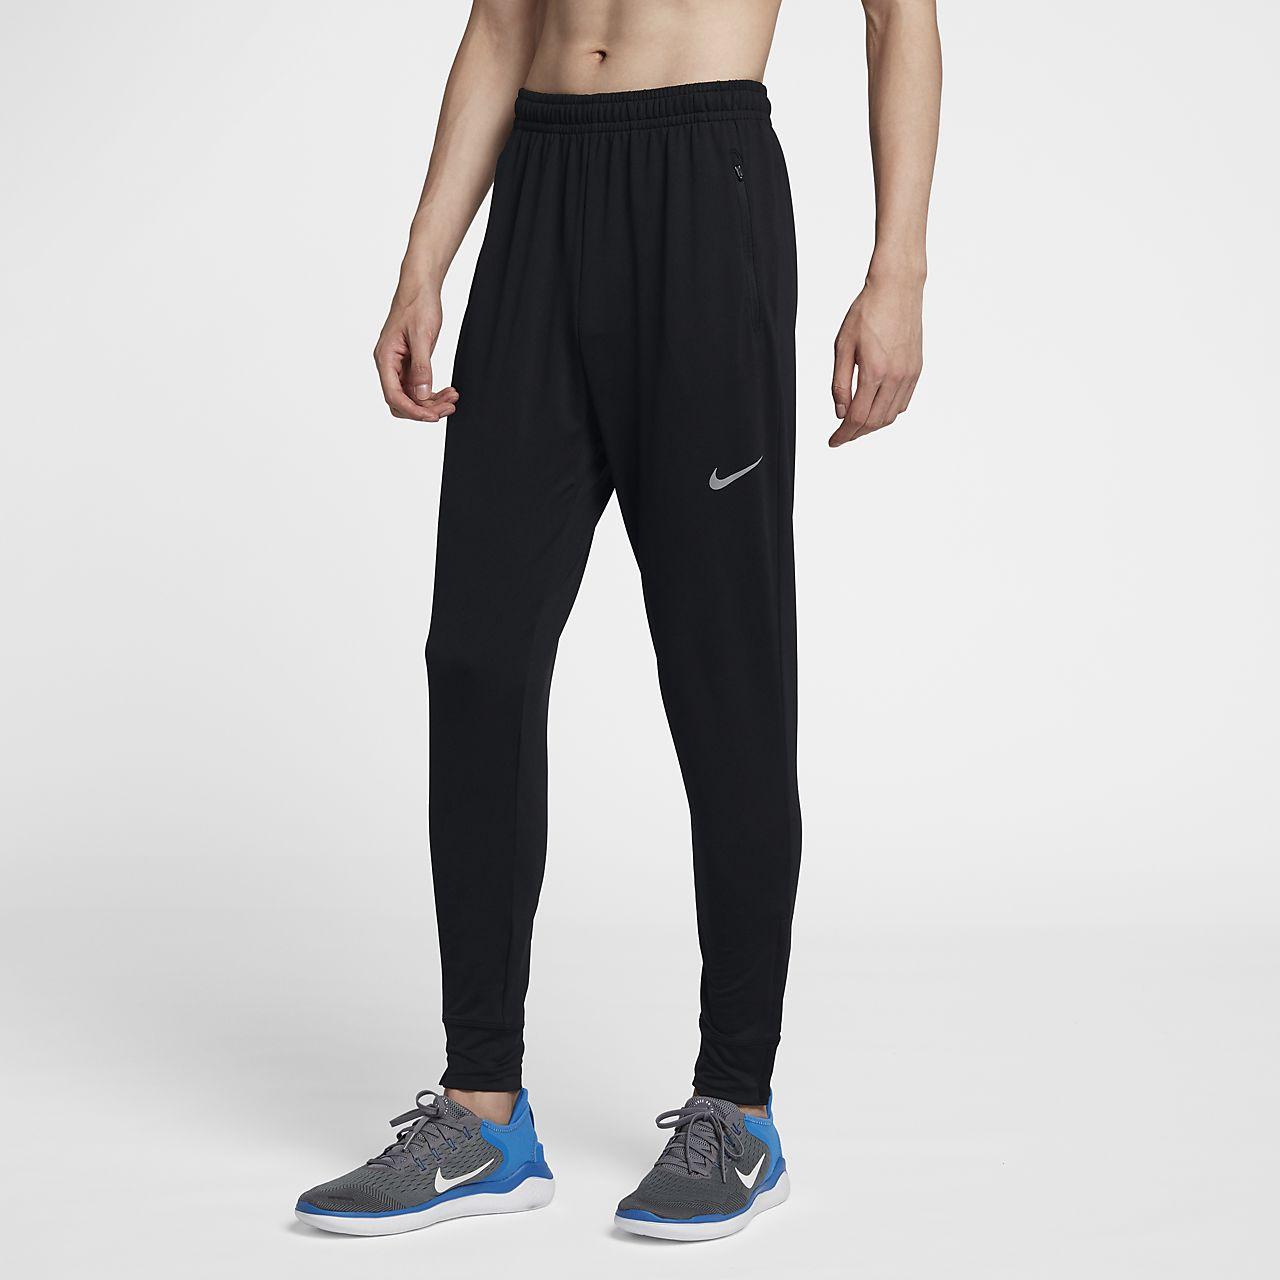 กางเกงวิ่งแบบทอผู้ชาย Nike Essential